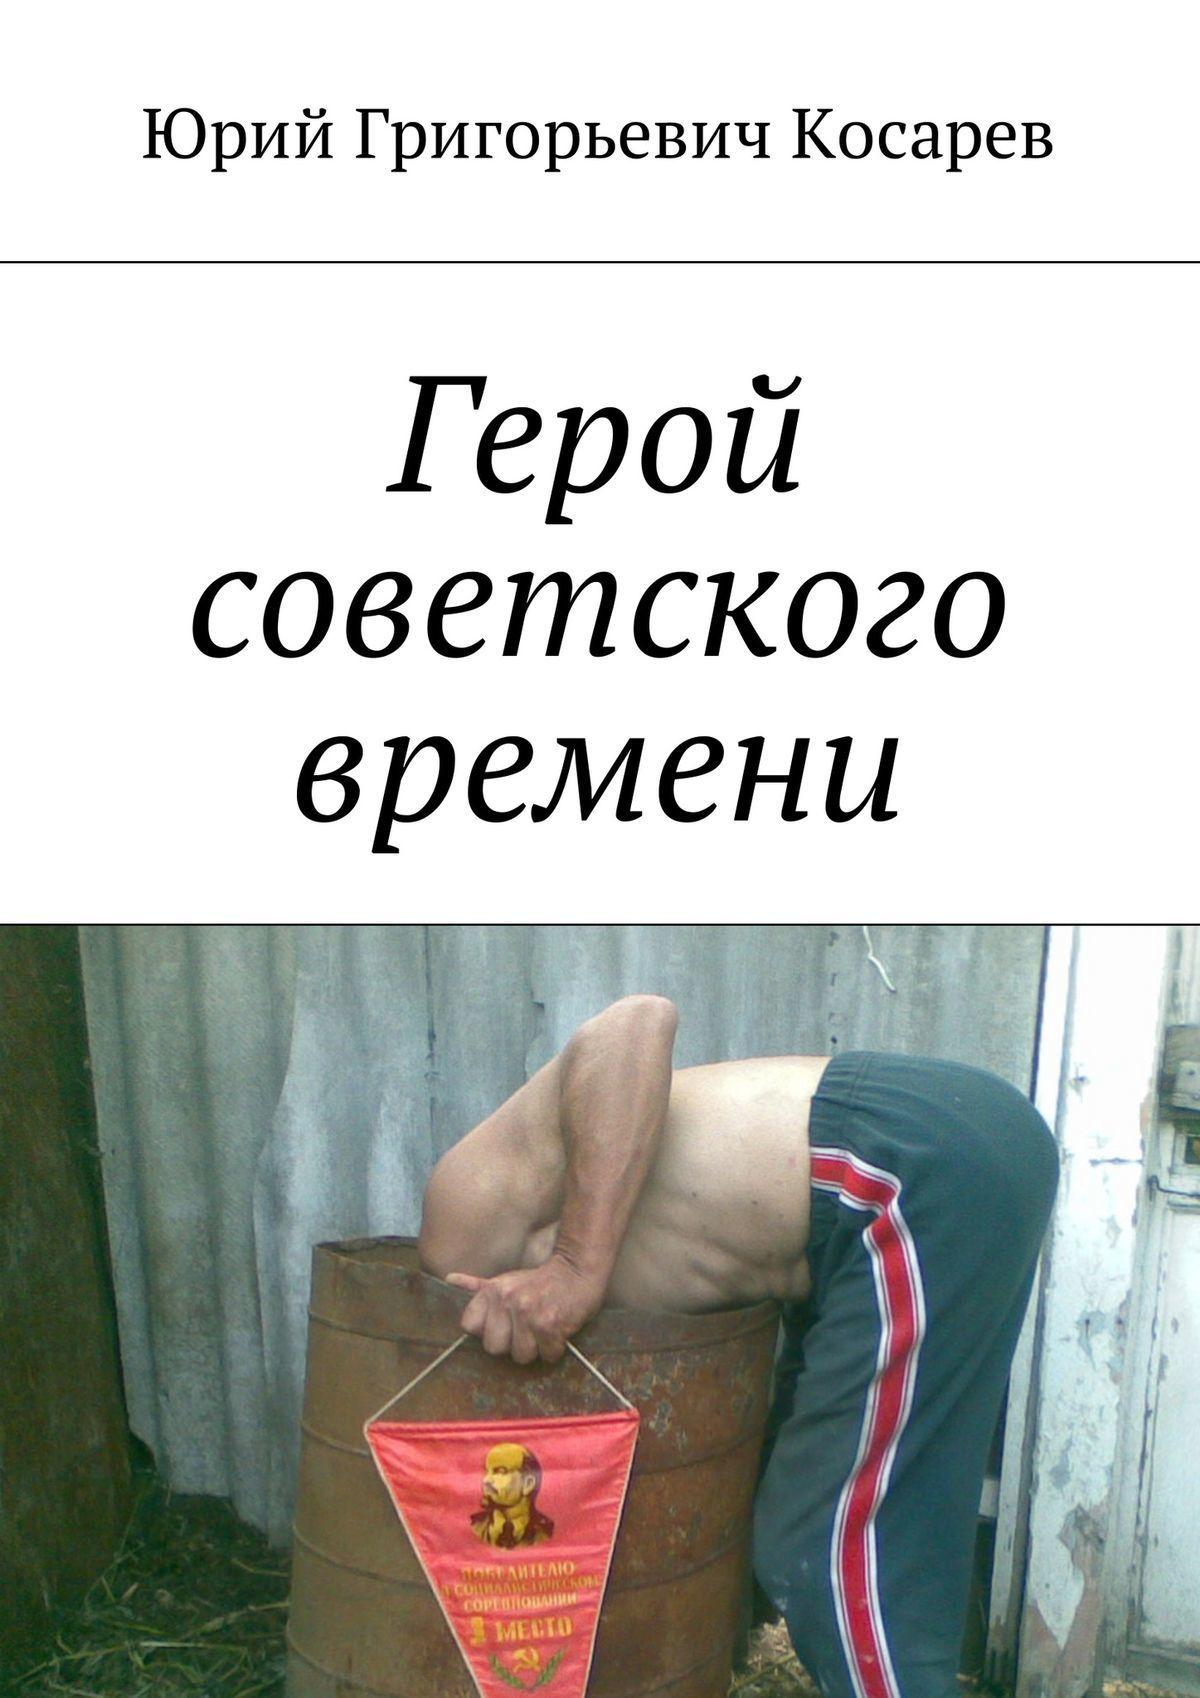 Юрий Григорьевич Косарев бесплатно